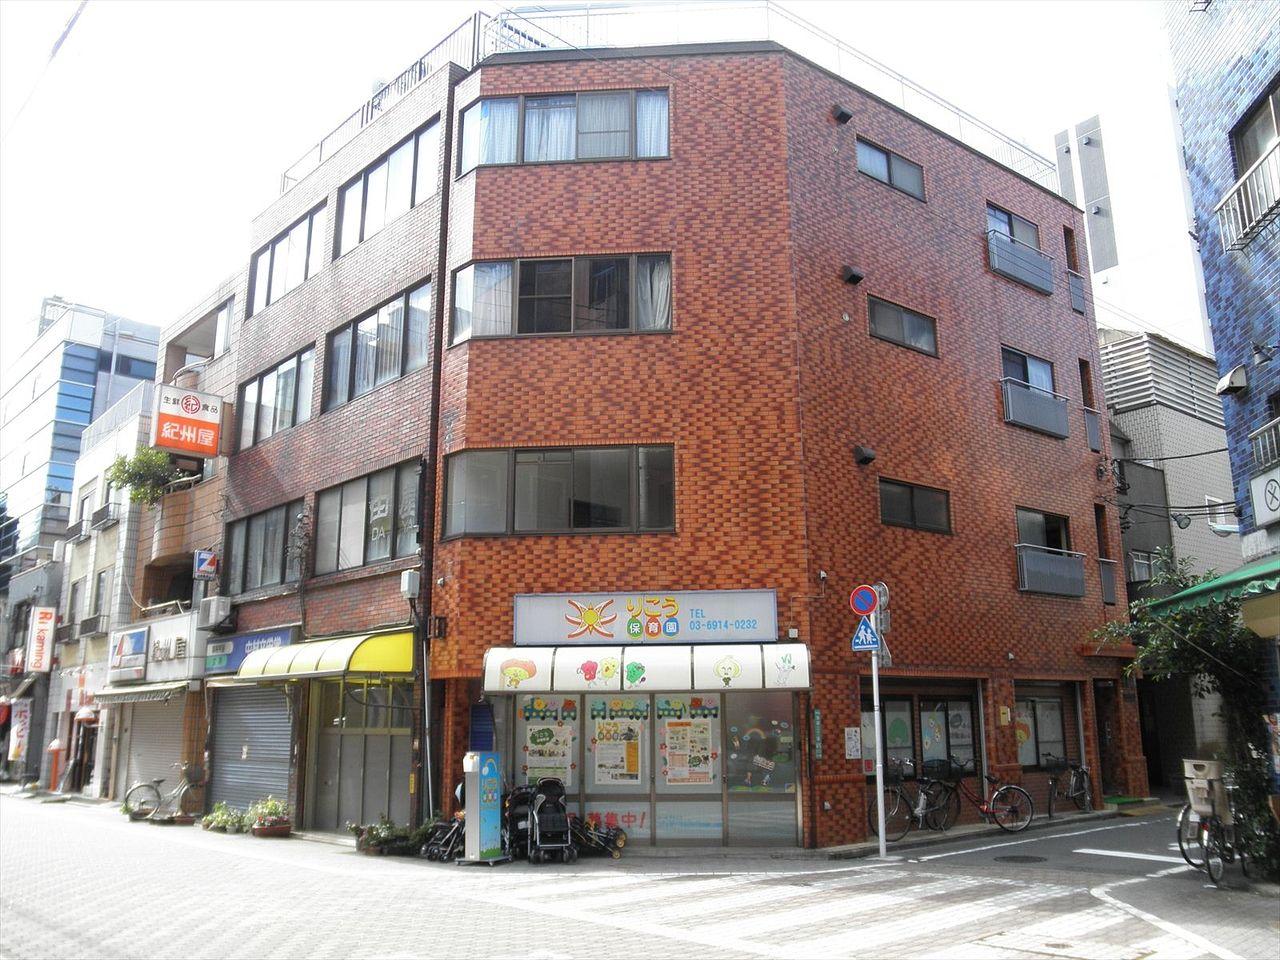 池袋の賃貸マンション 成田ハイツ201号室 募集中です